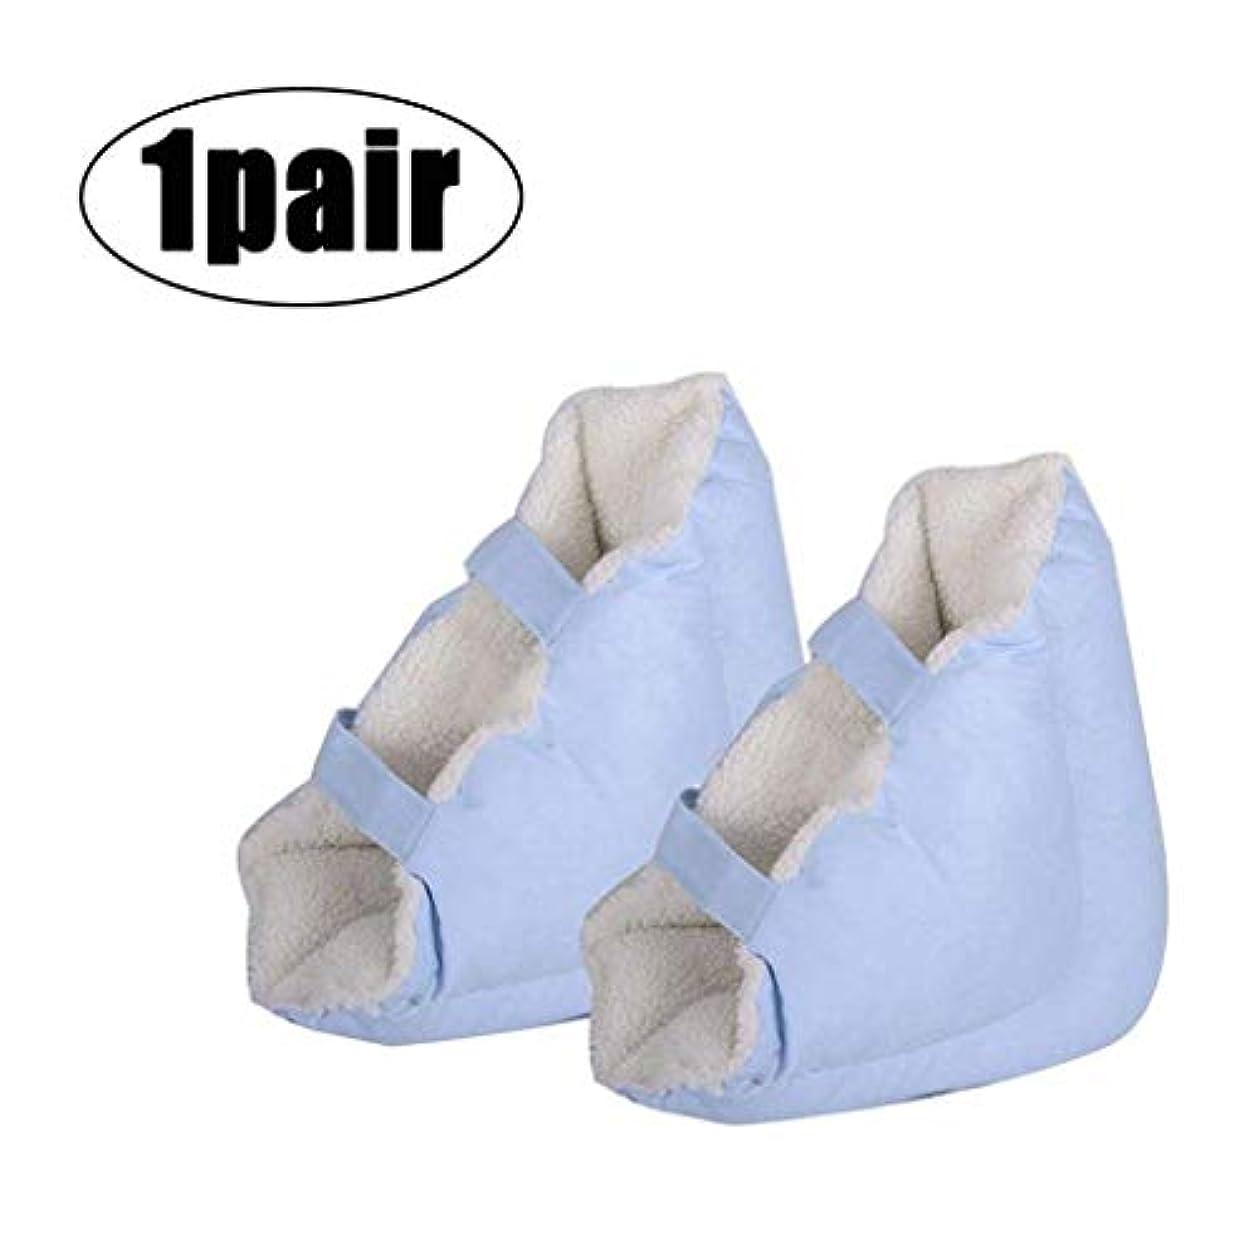 解明測る素晴らしさTONGSH かかとと足のプロテクター-個別に販売-足、かかと、肘を潰瘍、床、Pressure瘡から保護-痛みと怪我のリリーフ枕